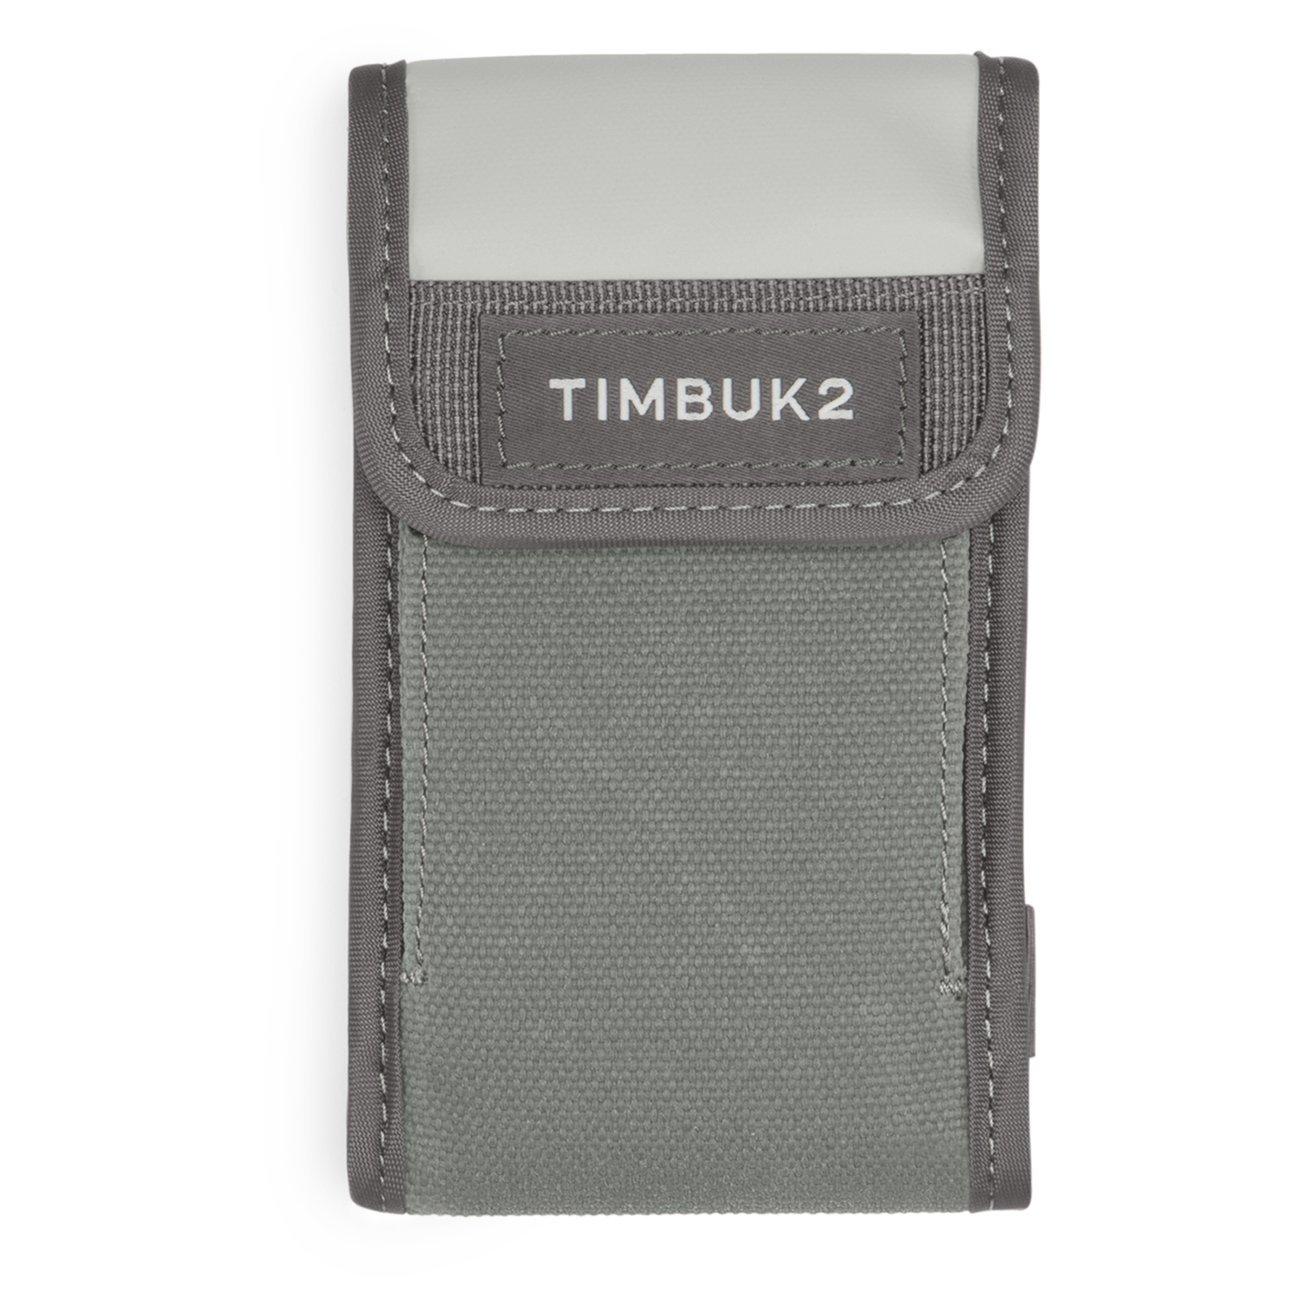 Timbuk2 3 Way Accessory Case